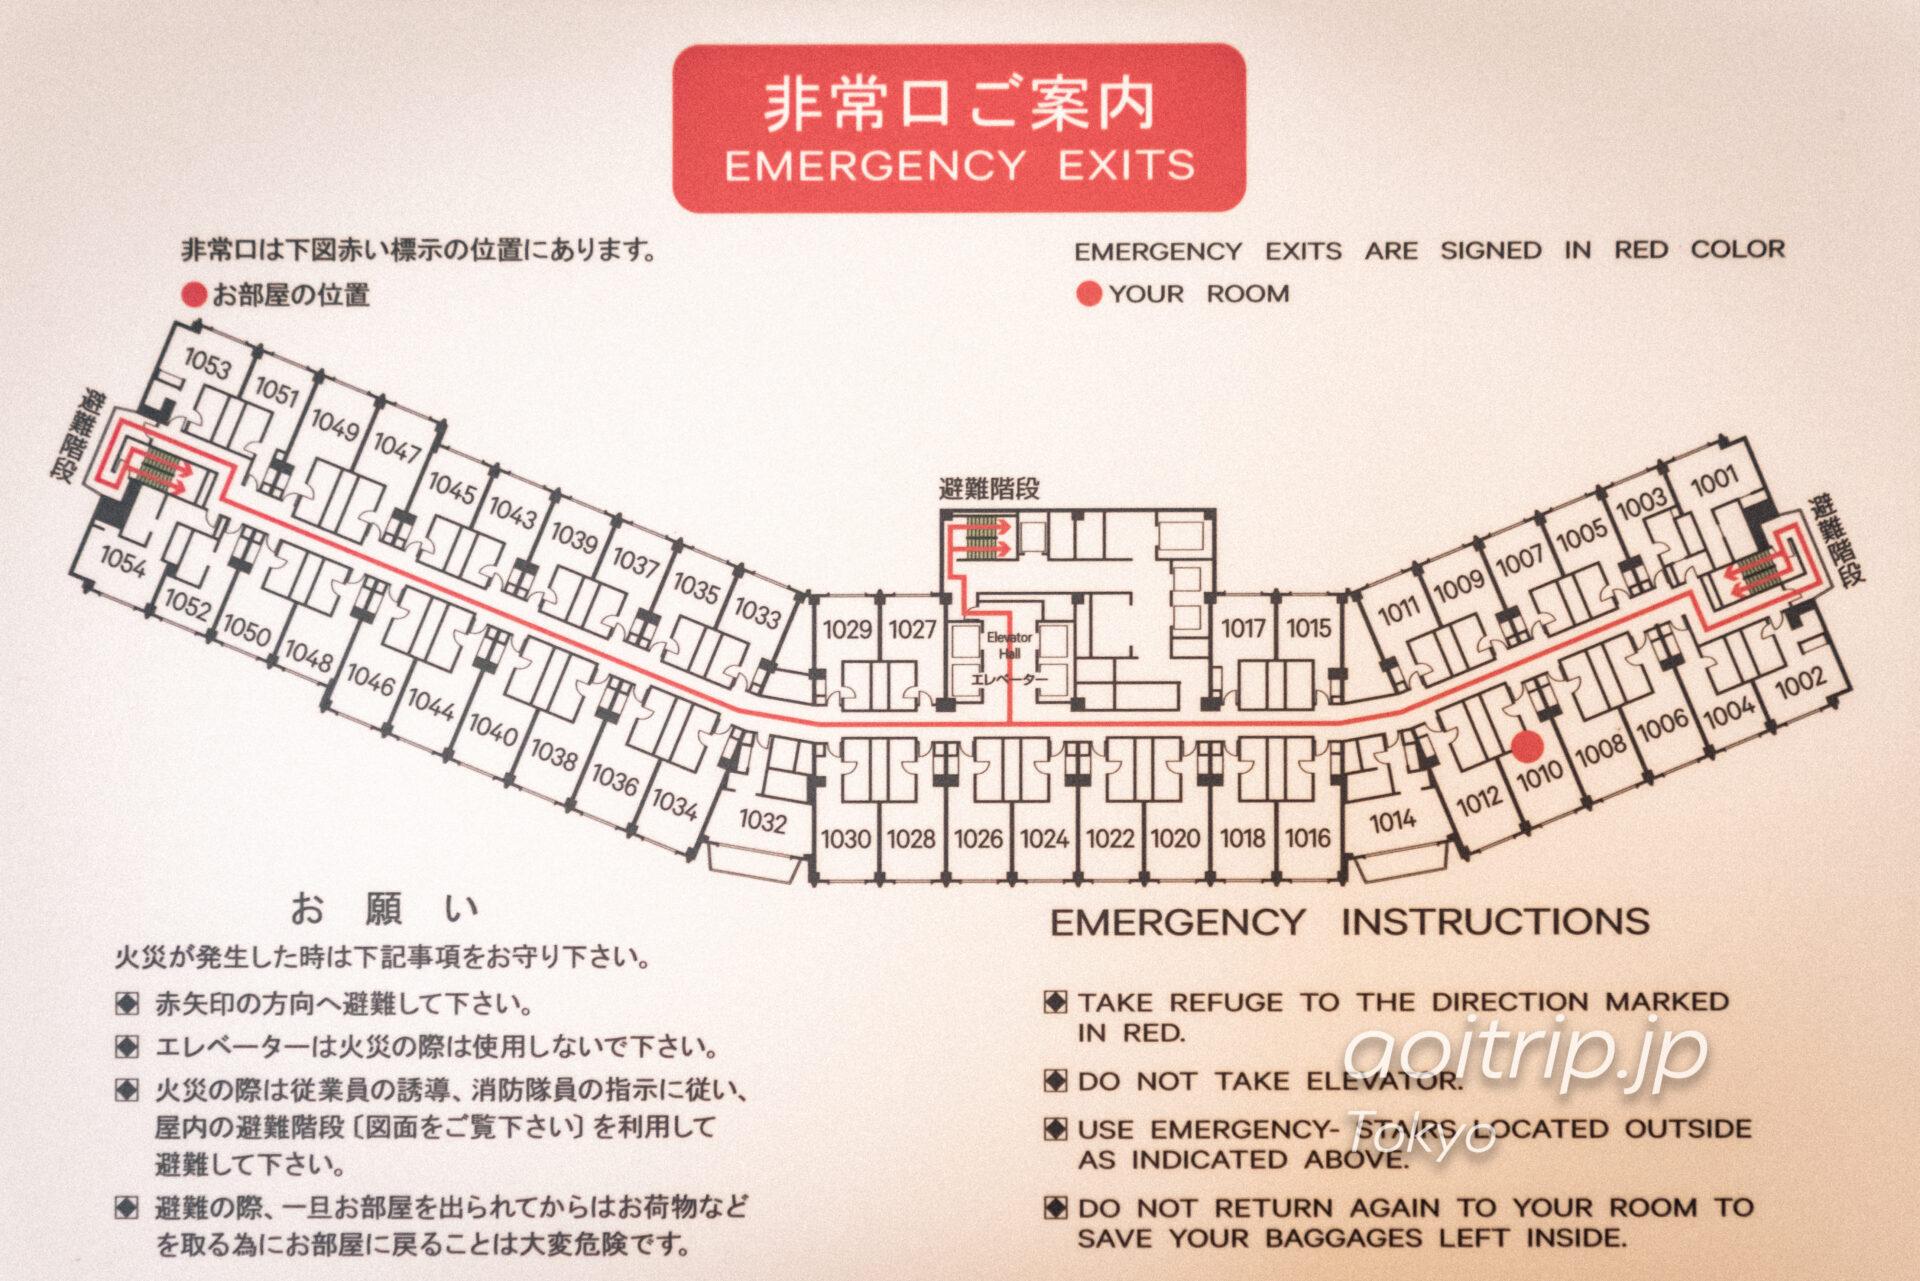 シェラトン都ホテル東京(Sheraton Miyako Hotel Tokyo)のフロアマップ